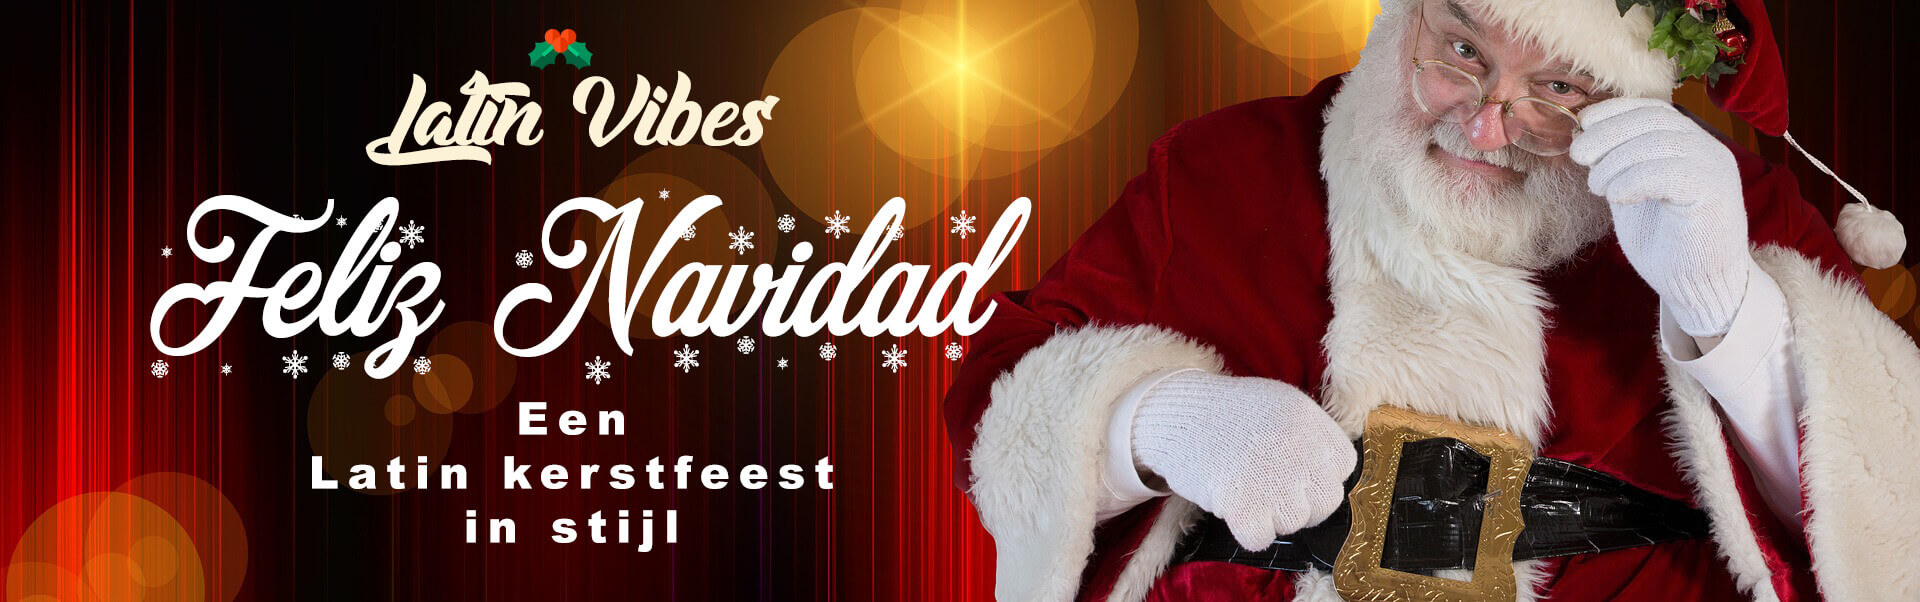 Feliz Navidad - Een Latin kerstfeest in stijl